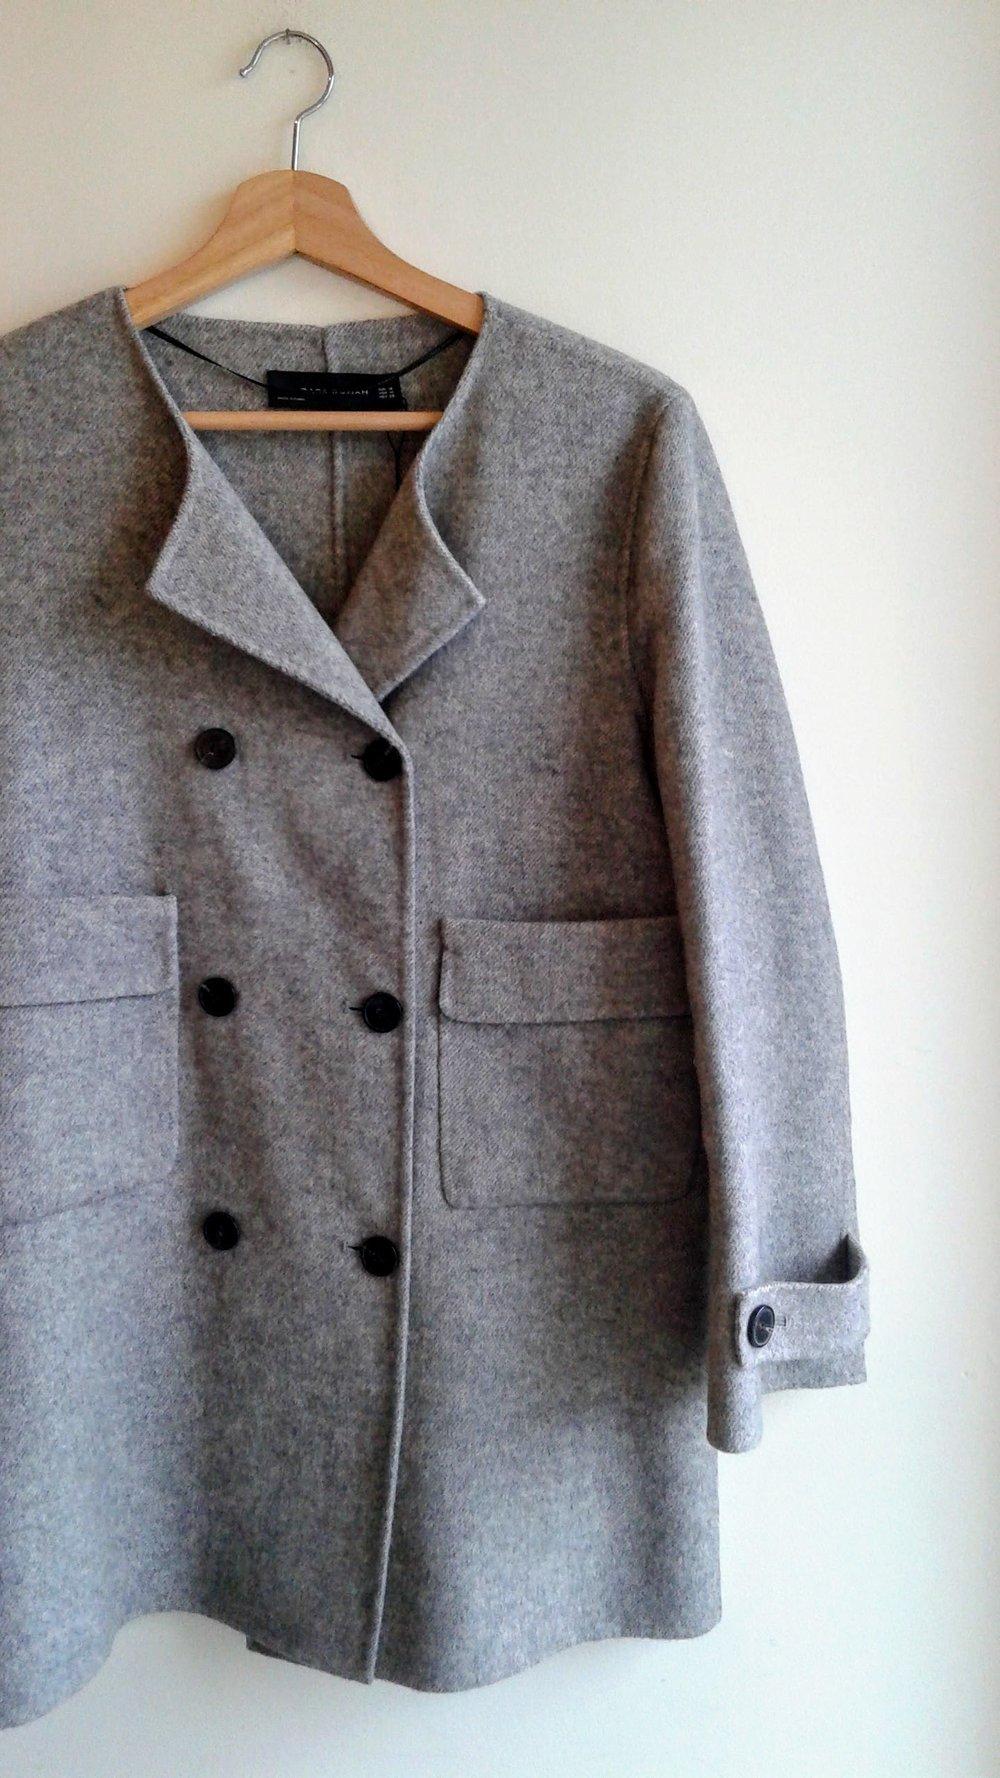 Zara coat (NWT); Size M, $75